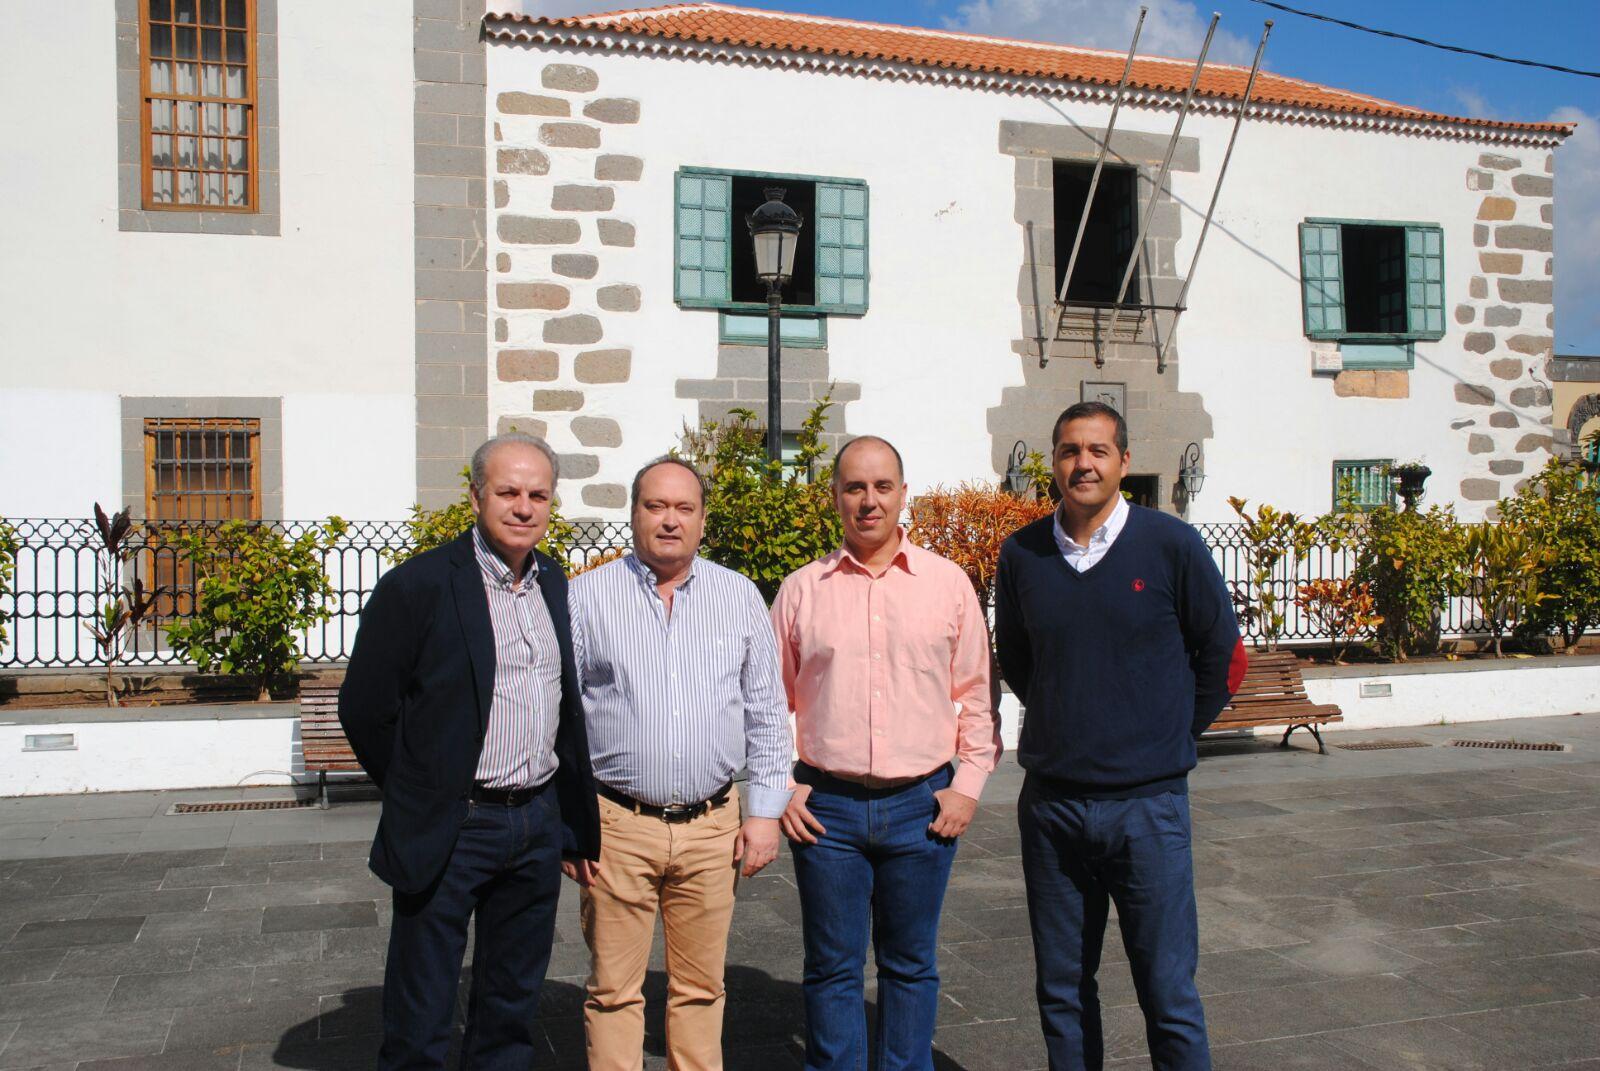 Ciudadanos denuncia la pasividad del Ayuntamiento de Telde para acabar con la tasa de paro del municipio